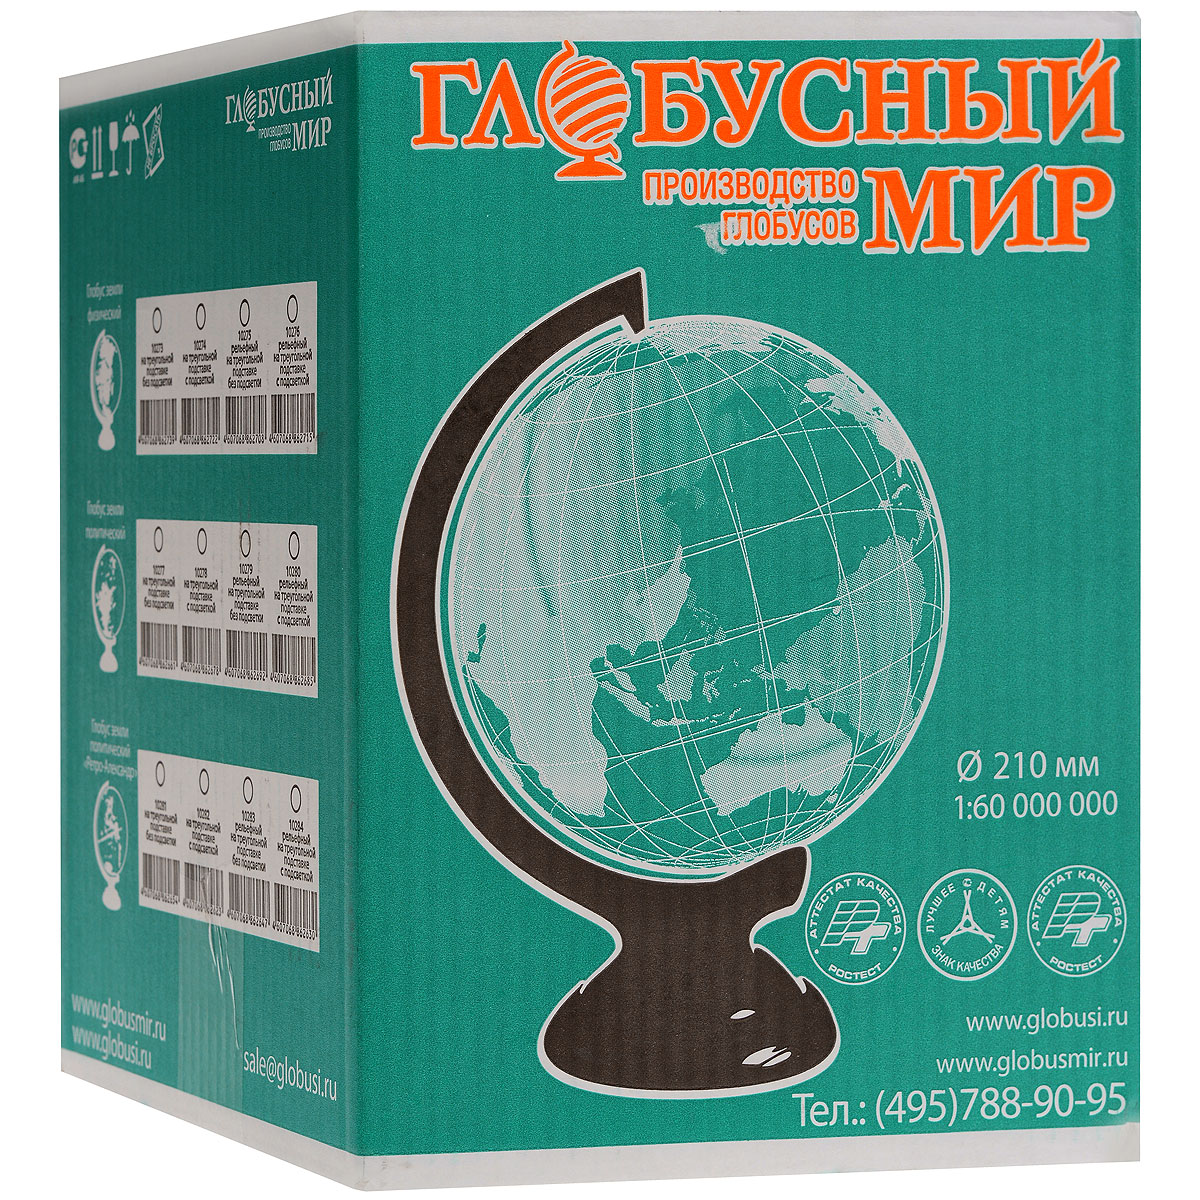 Глобусный мир Глобус с физической картой, рельефный, диаметр 21 см, на подставке Глобусный мир